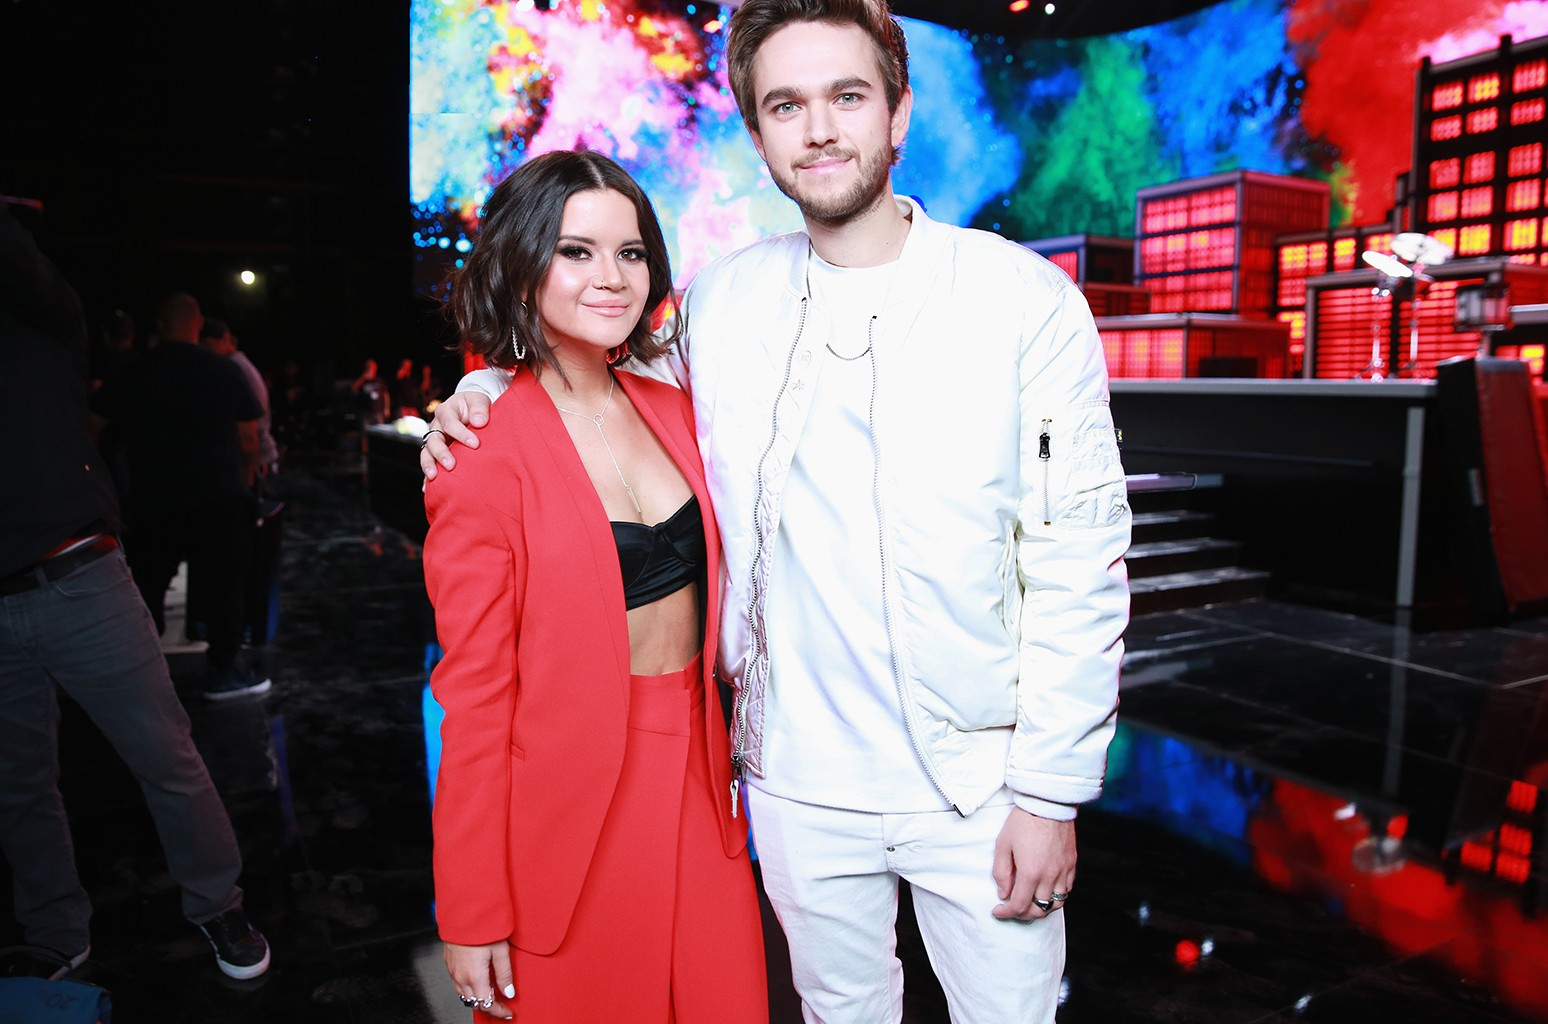 Zedd and Maren Morris